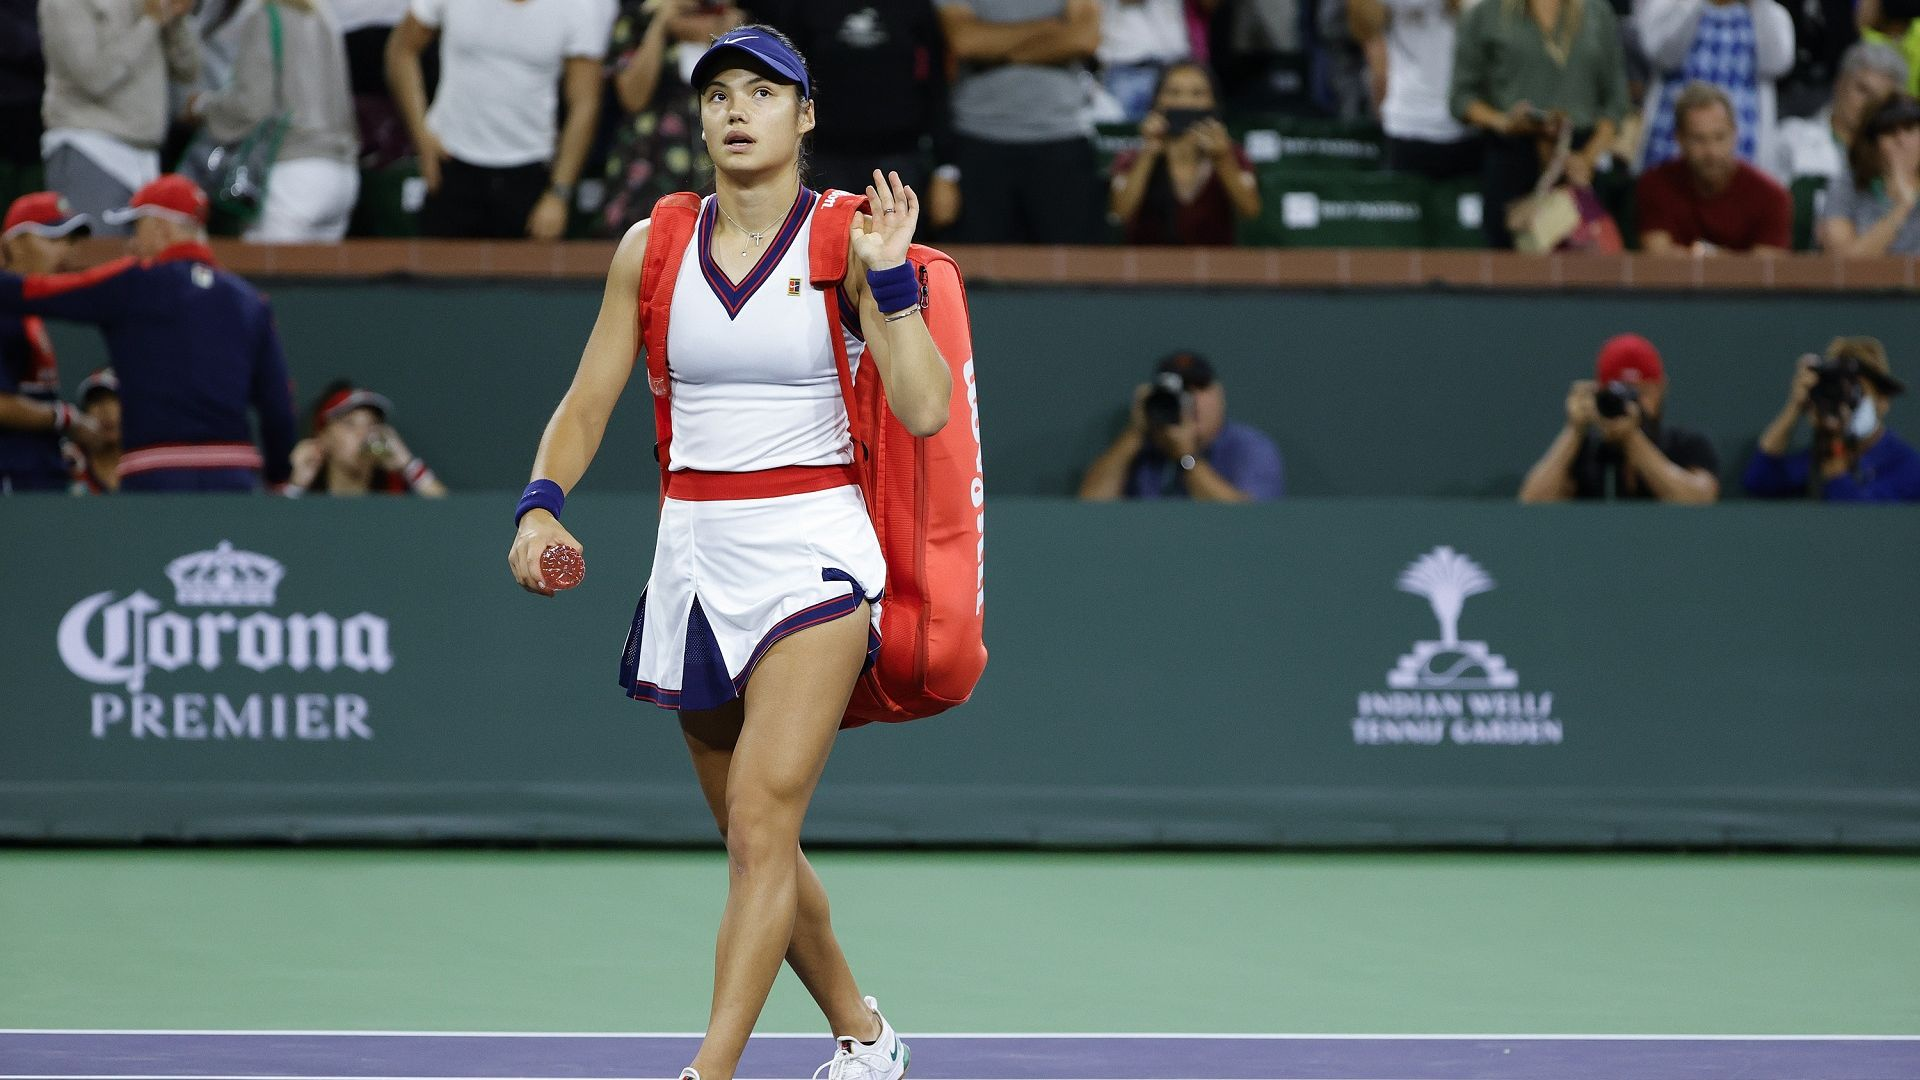 Приземяване: Ема Радукану загуби първия си мач след триумфа на US Open